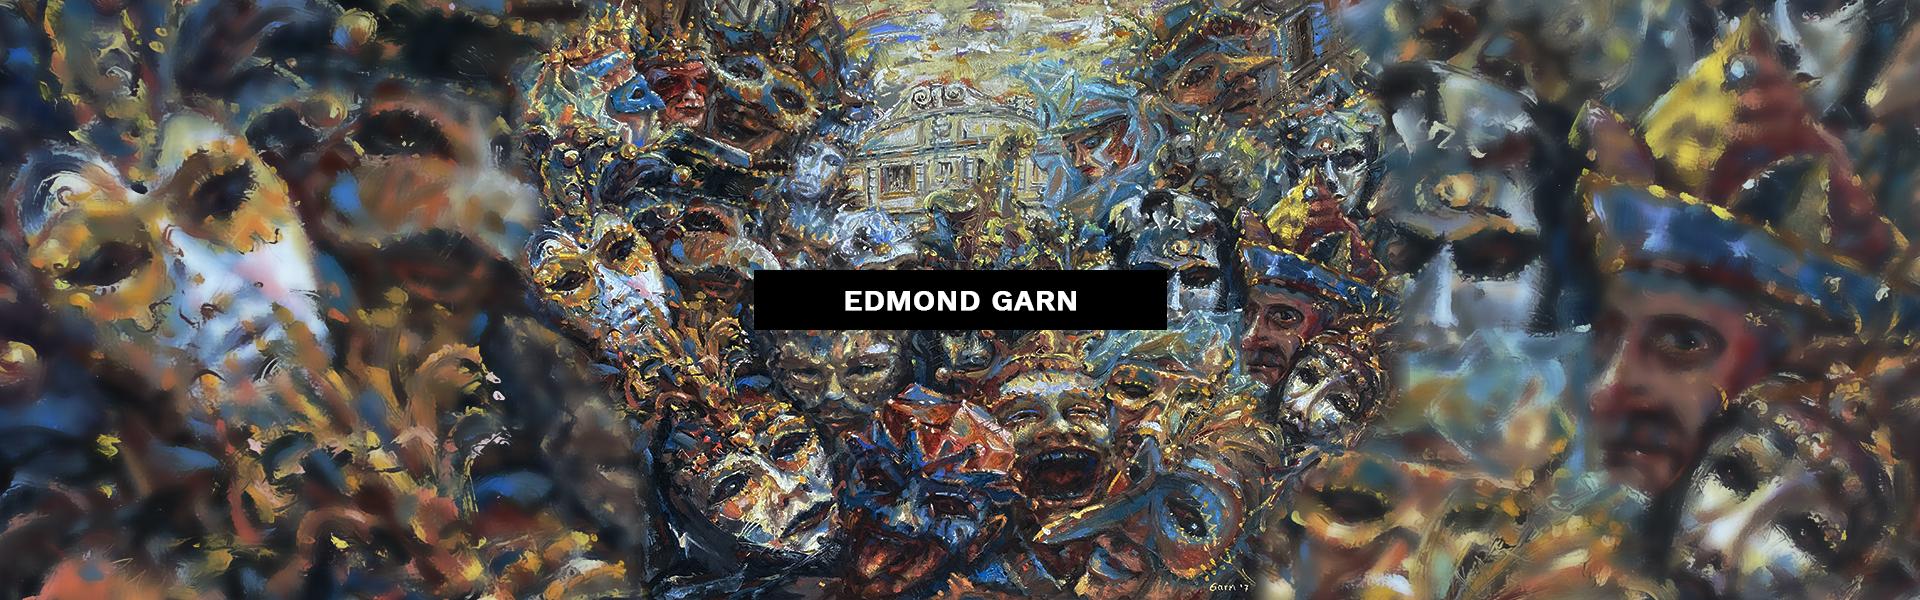 Sonderausstellung von Edmond Garn